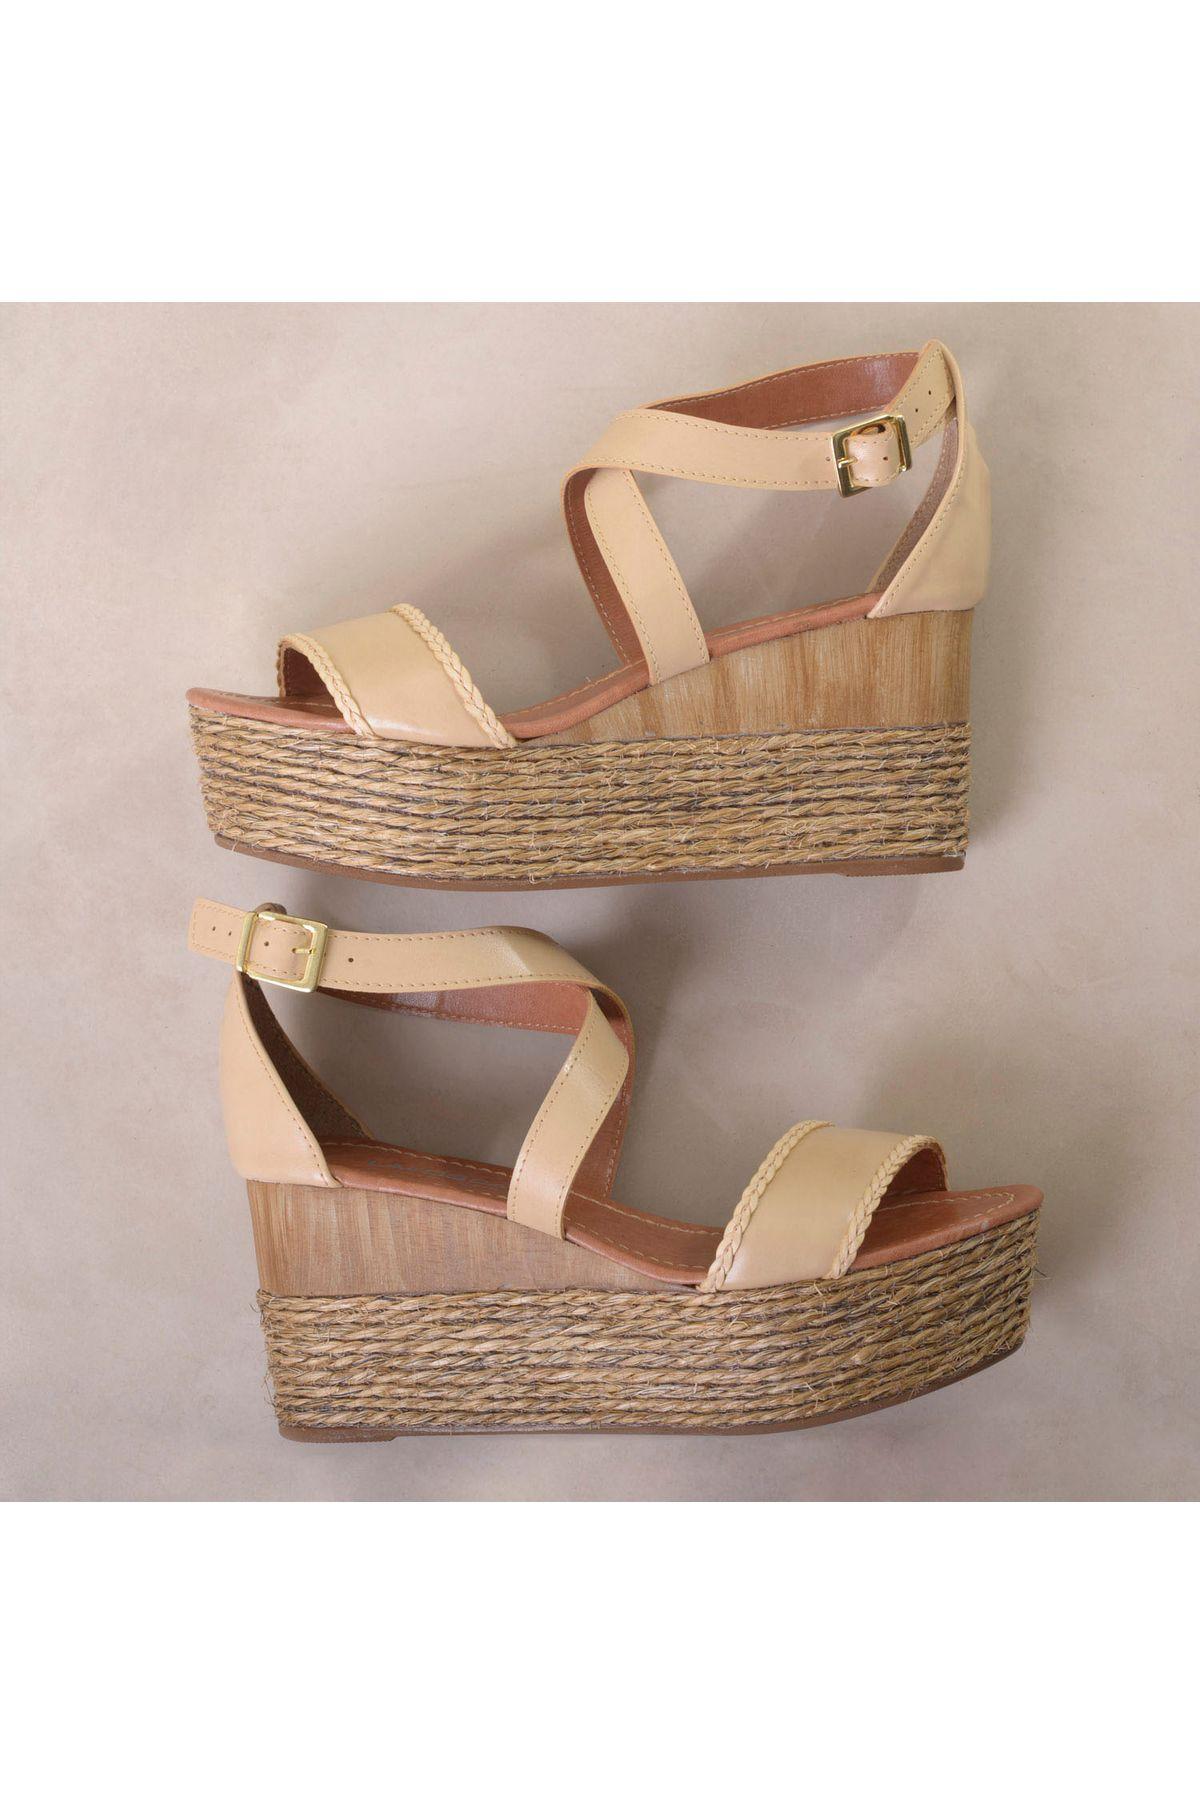 9858f4911 Sandália Anabela Lafosca Torez   Mundial Calçados - Mundial Calçados